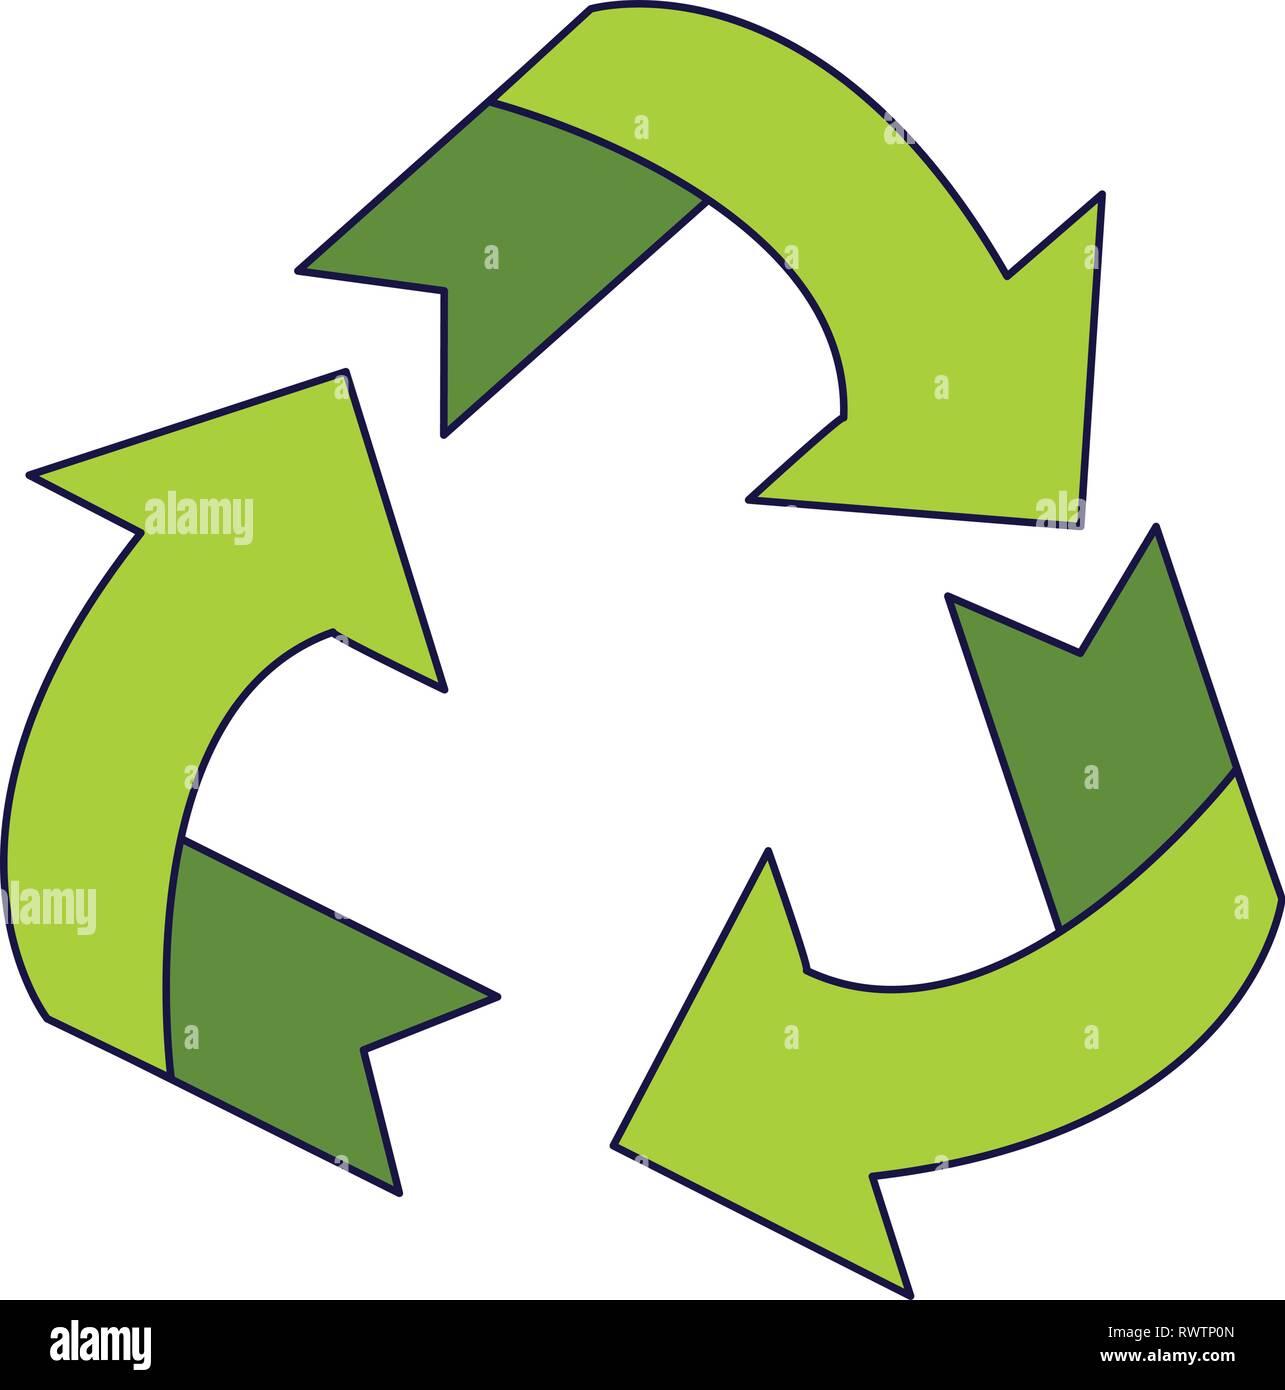 Riciclare ridurre riutilizzare il simbolo Immagini Stock